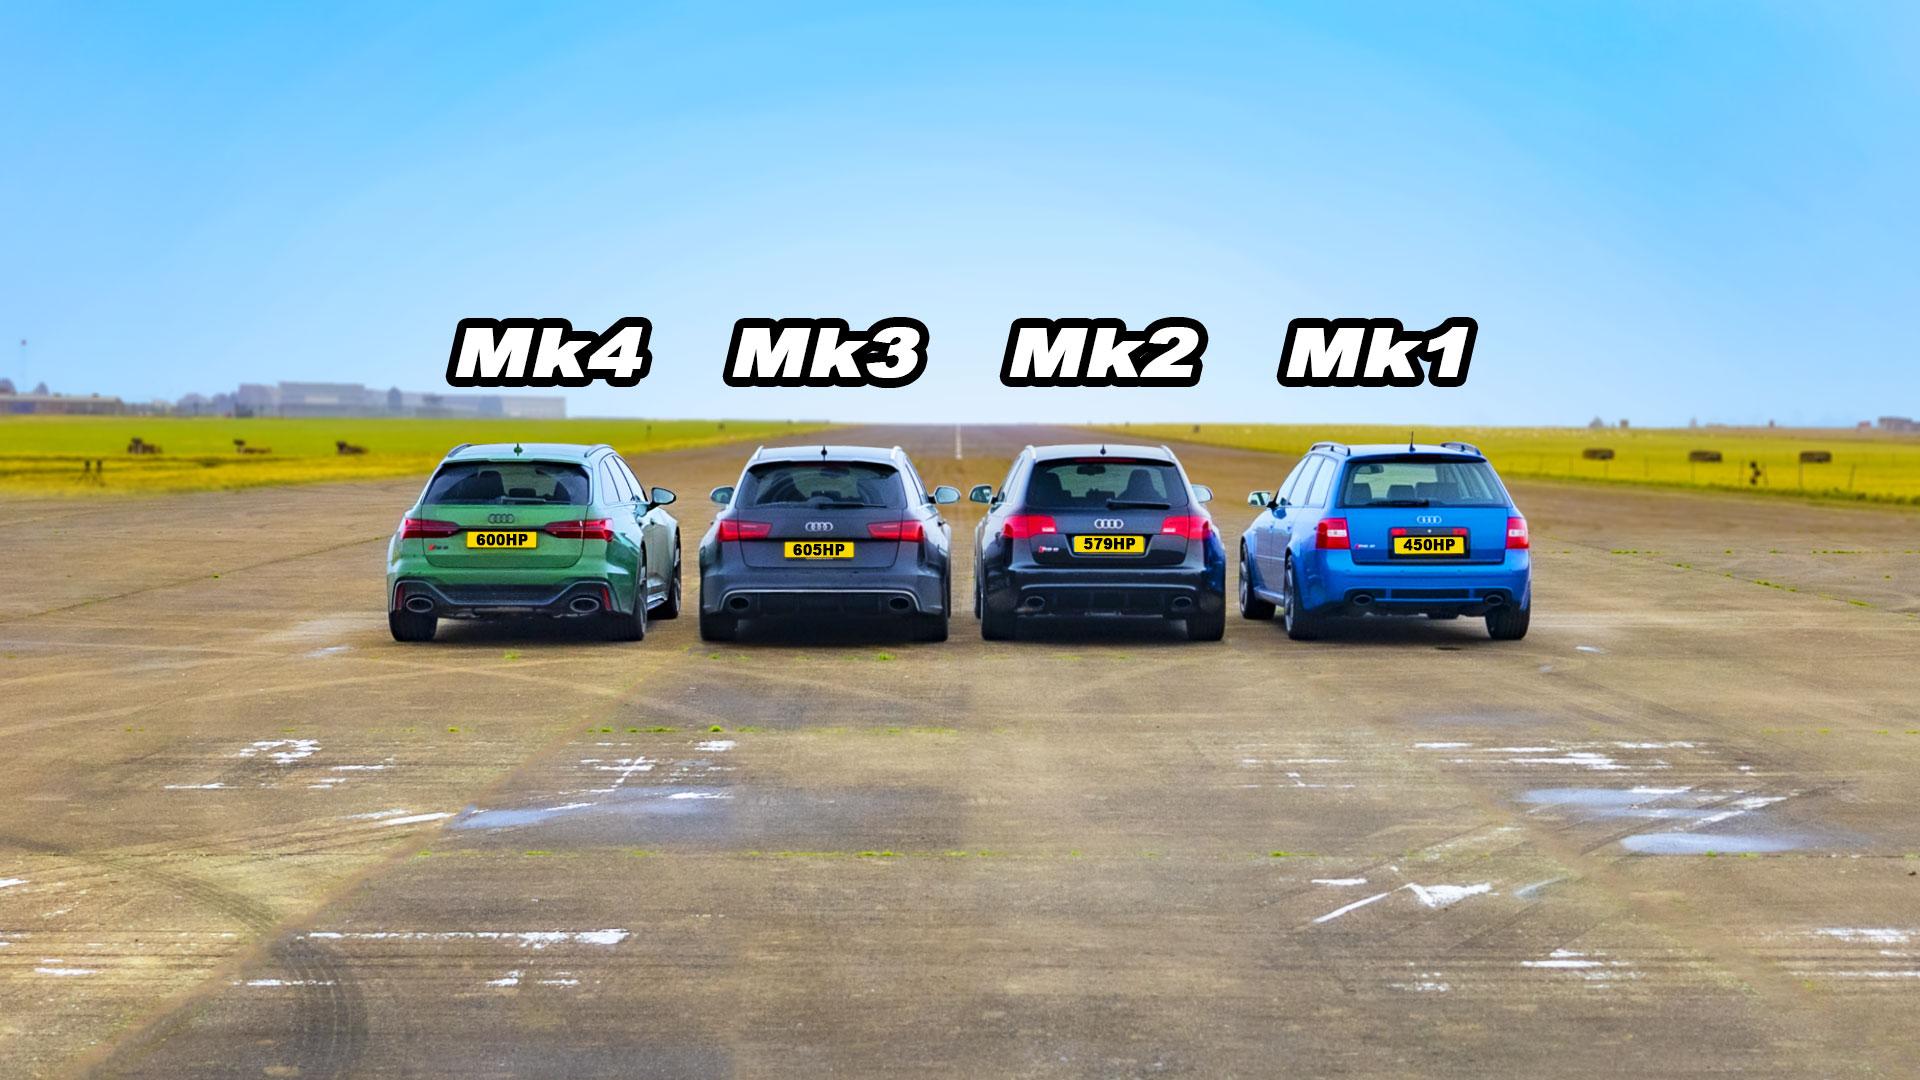 Видеоблогеры с канала carwow провели соревнование между четырьмя Audi RS 6 разных генераций. У всех машин двойной наддув и полный привод, но самый пожилой и самый «свежий» универсалы разделены почти двумя десятилетиями. Интересно, что новейшая модель лидировала не во всех дисциплинах.